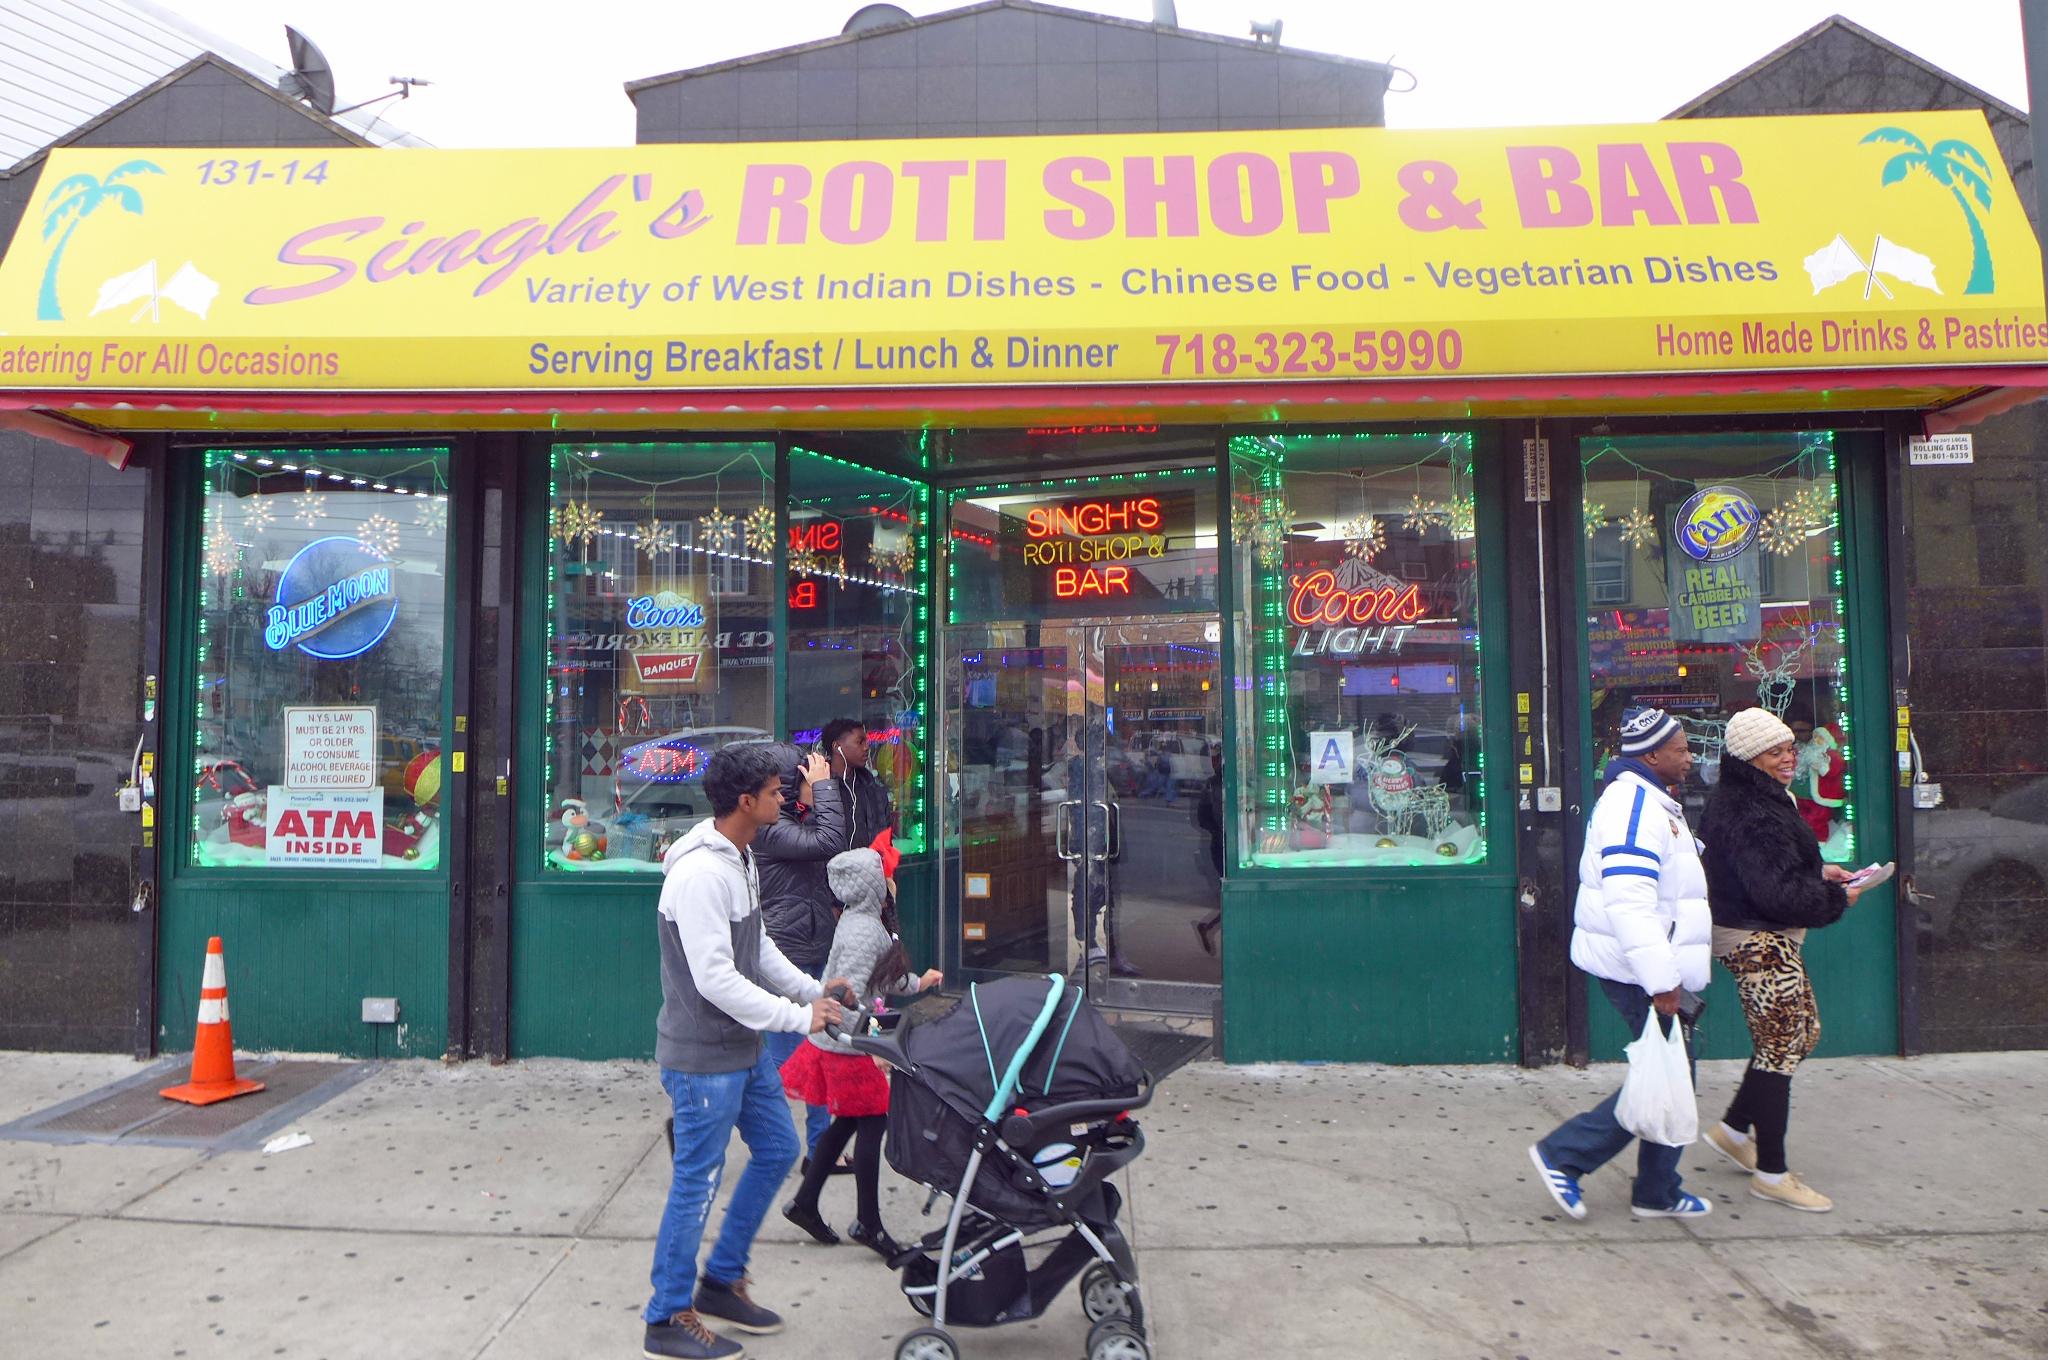 Singh's Roti Shop in Richmond Hill, Queens